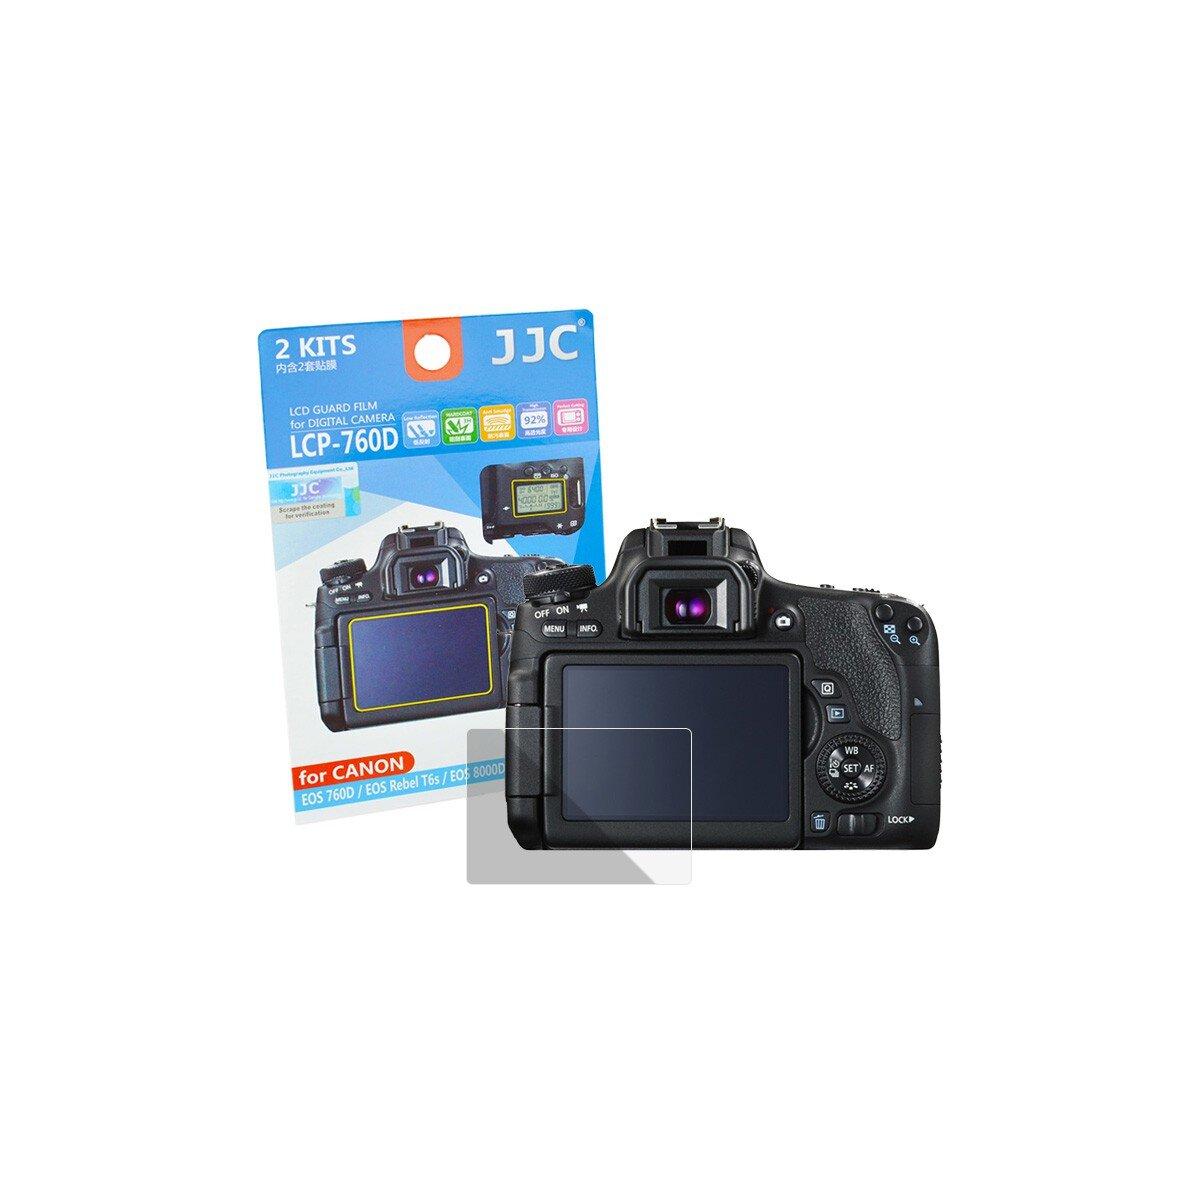 JJC LCD-Displayschutzfolie LCP-760D | Kamera-Display Schutz | Geeignet für Canon EOS 760D/EOS 8000D